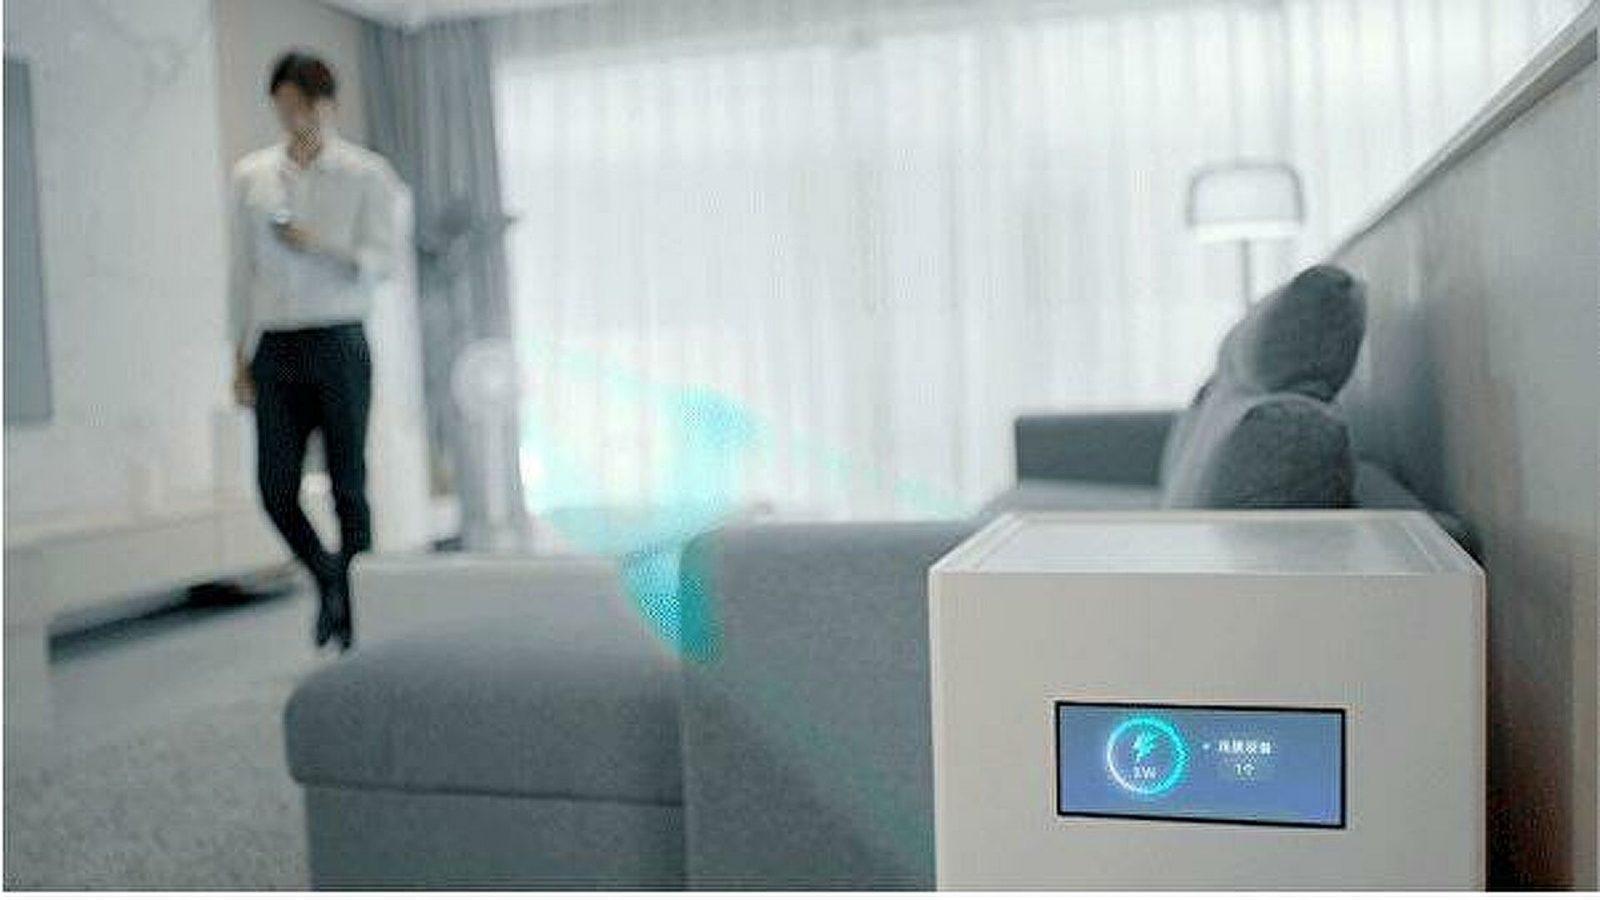 Xiaomi показала инновационную технологию беспроводной зарядки по воздуху